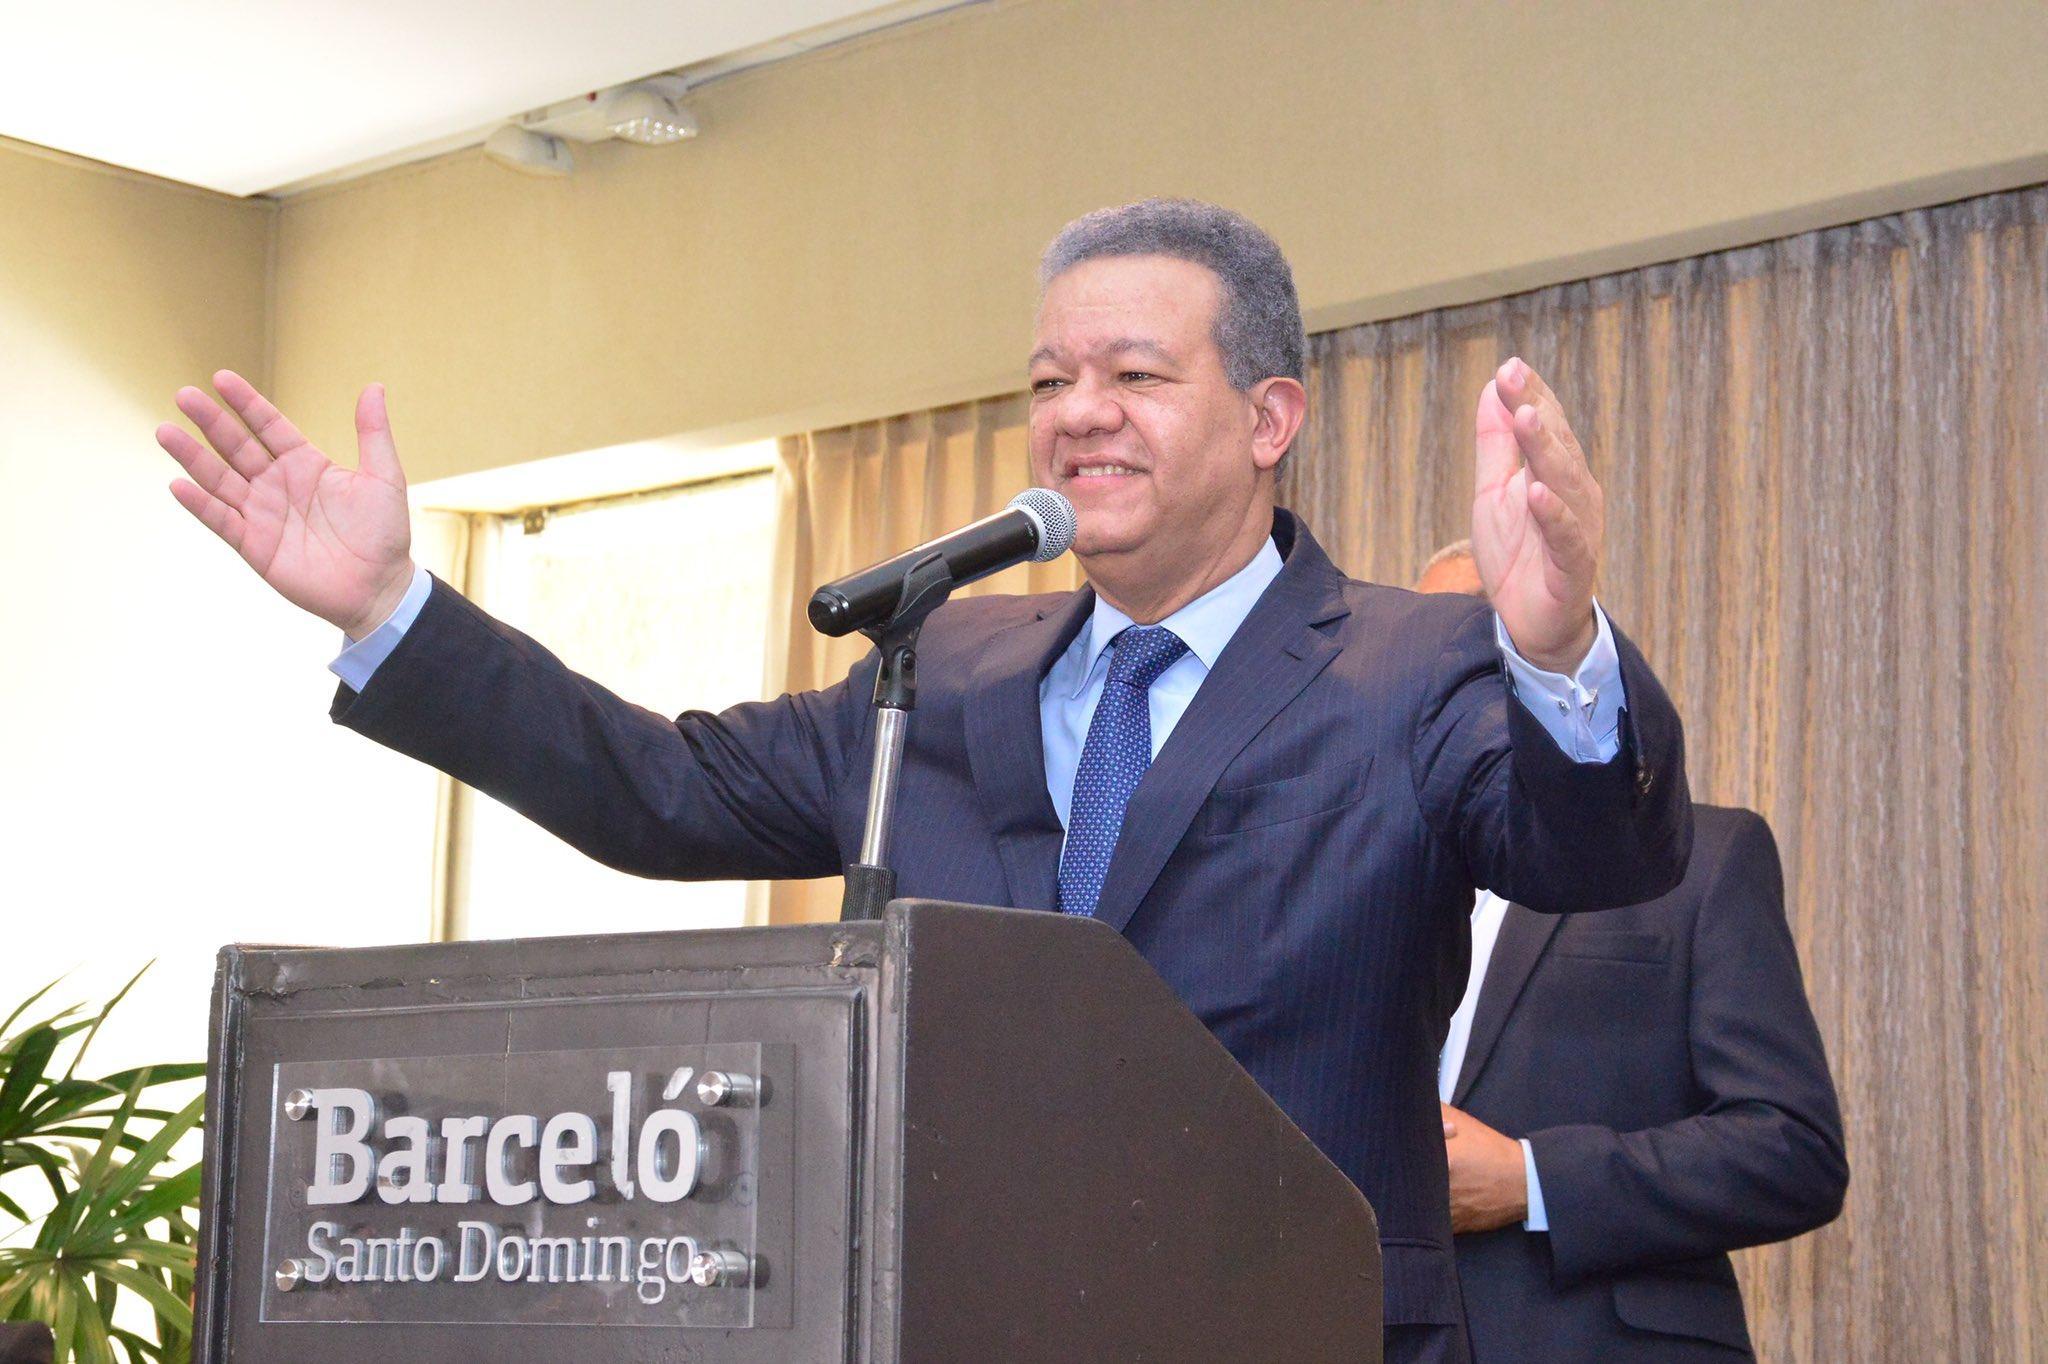 Crise électorale en République Dominicaine: L'ancien président Leonel Fernández conteste les résultats des élections primaires